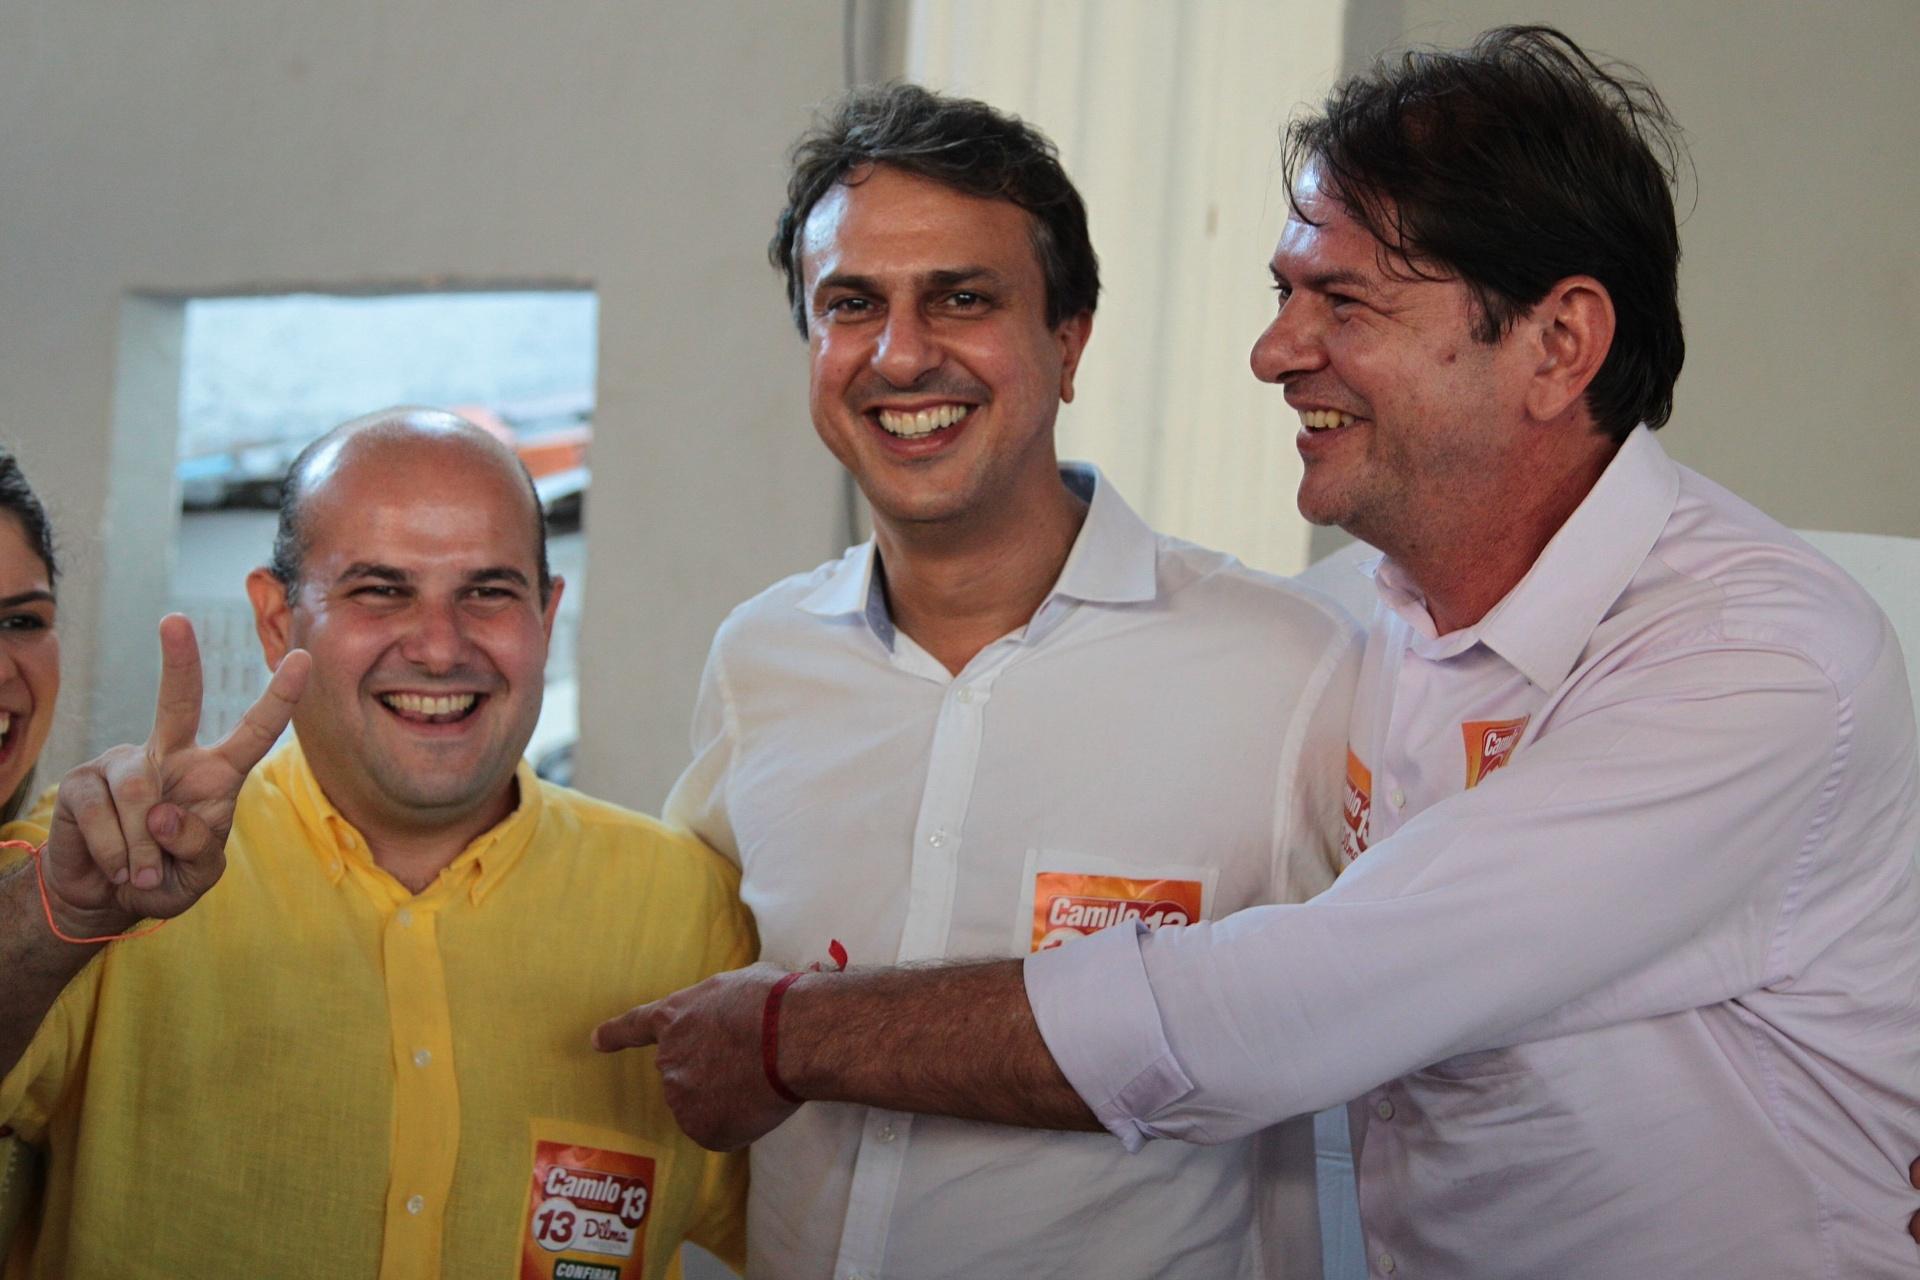 26.out.2014 - Camilo Santana (PT, centro) é eleito governador do Ceará, neste domingo. Camilo é o candidato apoiado pelo atual governador, Cid Gomes (PROS, à direita)